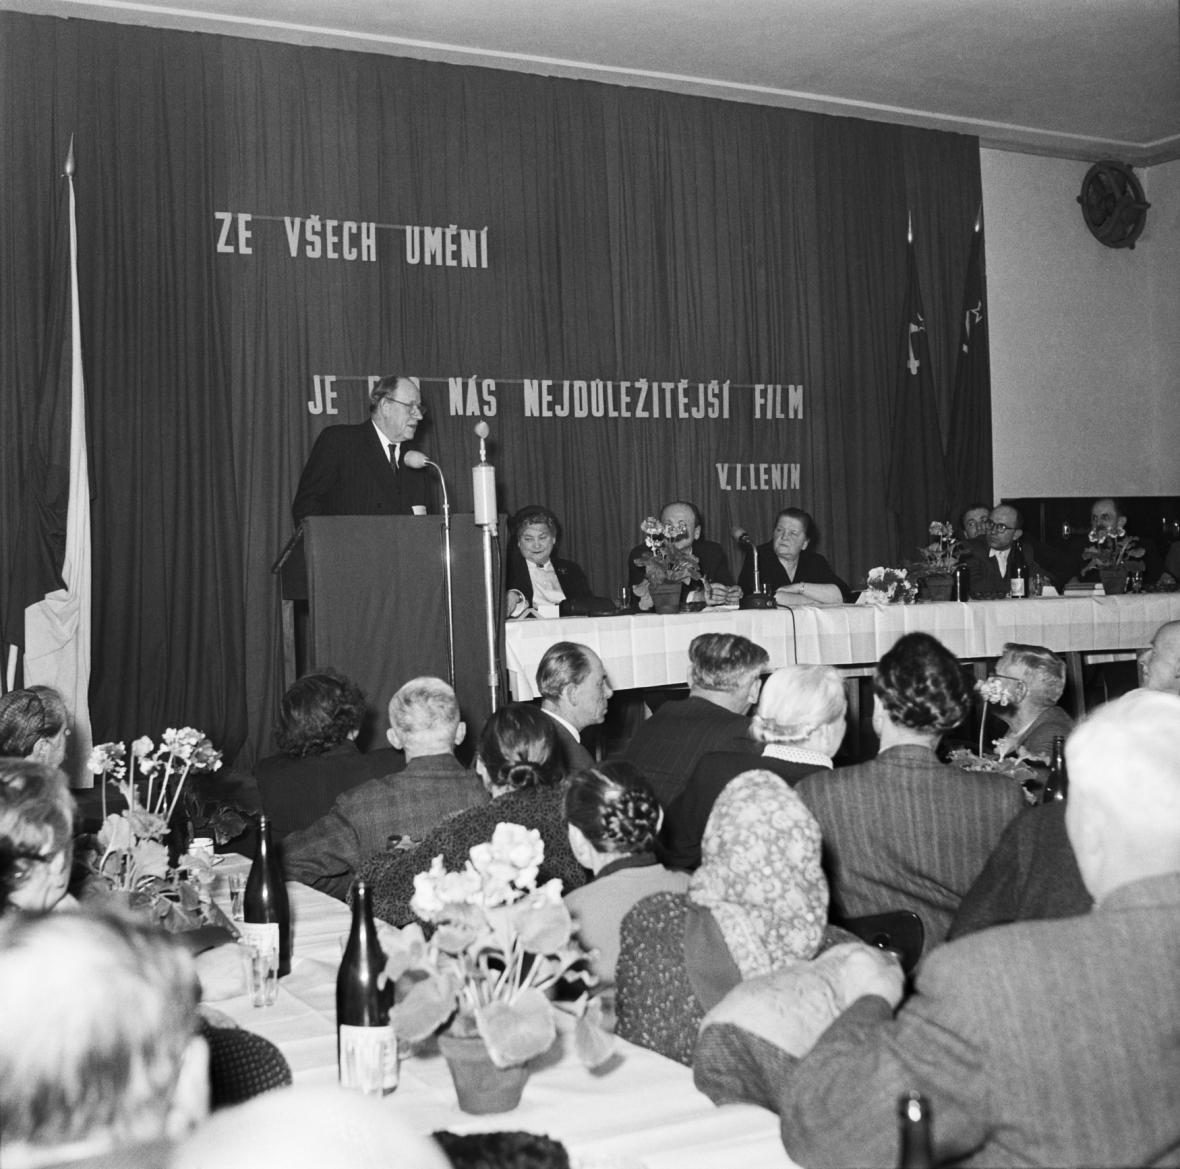 Prezident Antonín Zápotocký na besedě k filmu Rudá záře nad Kladem (1956)